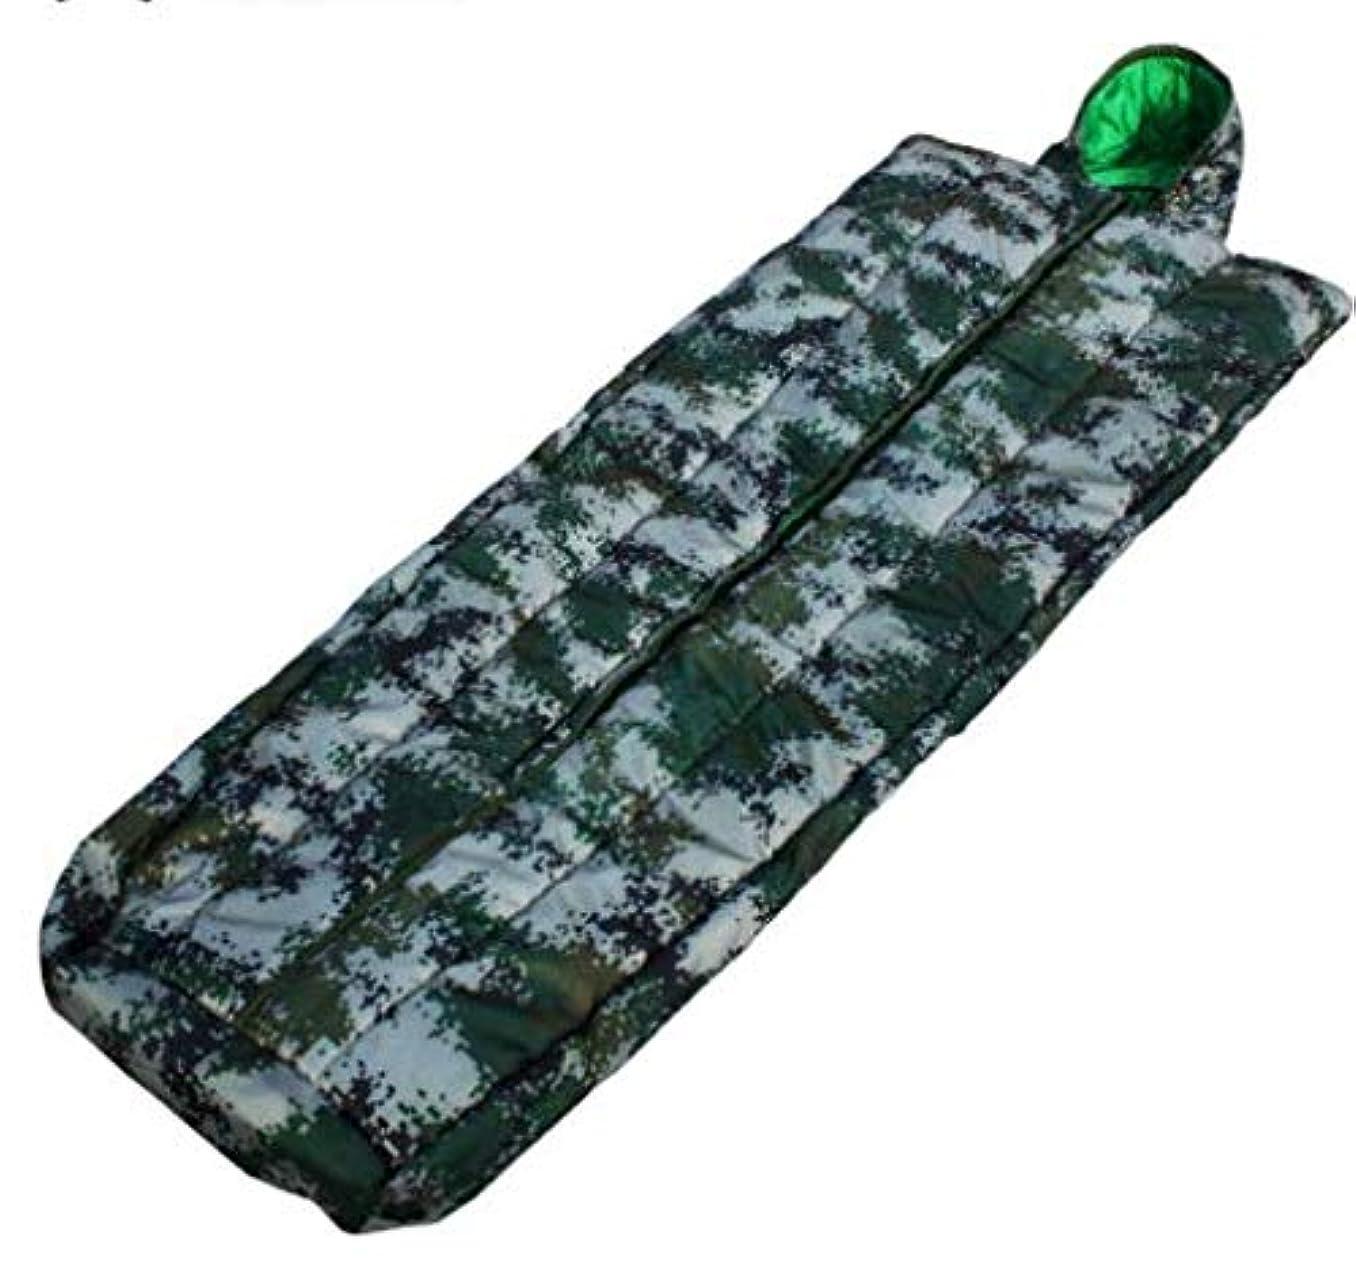 一月不良候補者迷彩コート寝袋シングル迷彩寝袋厚みのある迷彩寝袋